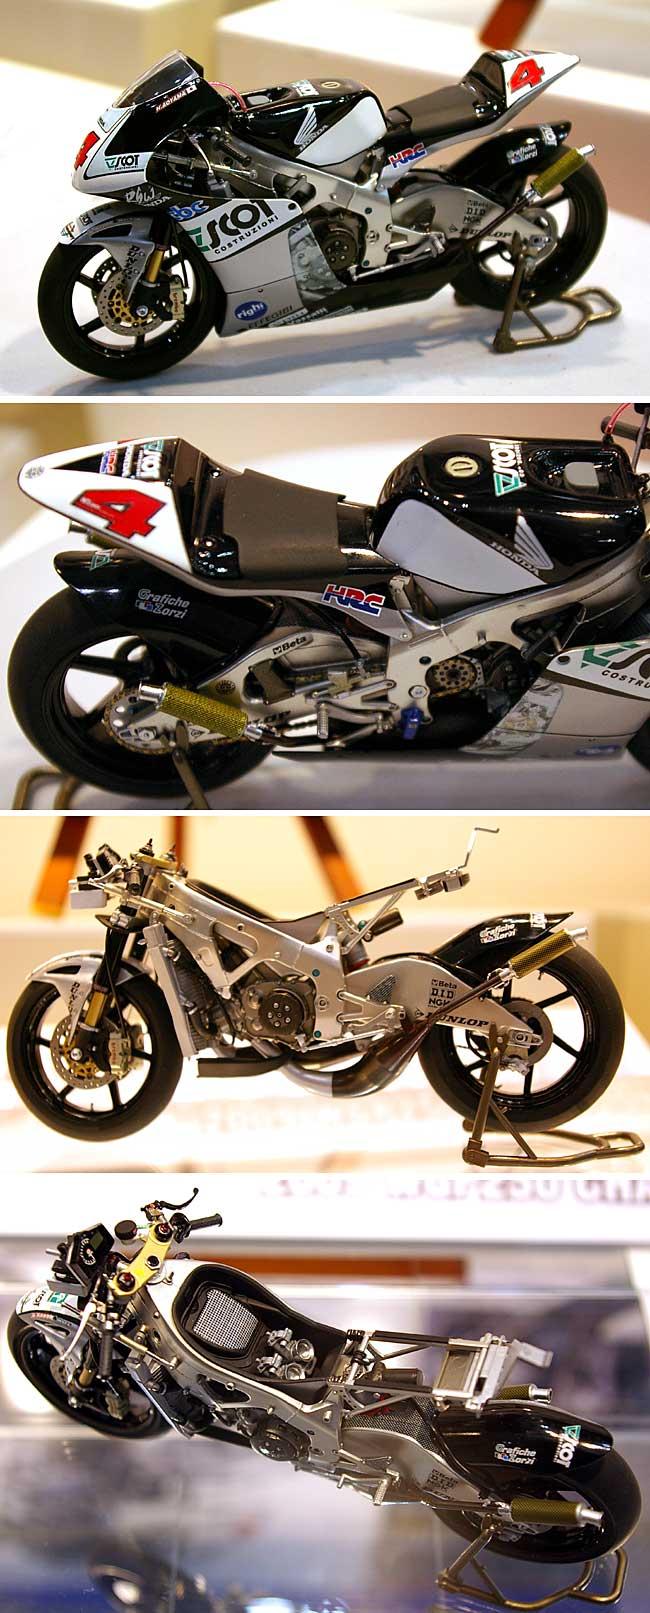 スコット レーシングチーム ホンダ RS250RW 2009 WGP チャンピオンプラモデル(ハセガワ1/12 バイクシリーズNo.BK-001)商品画像_3